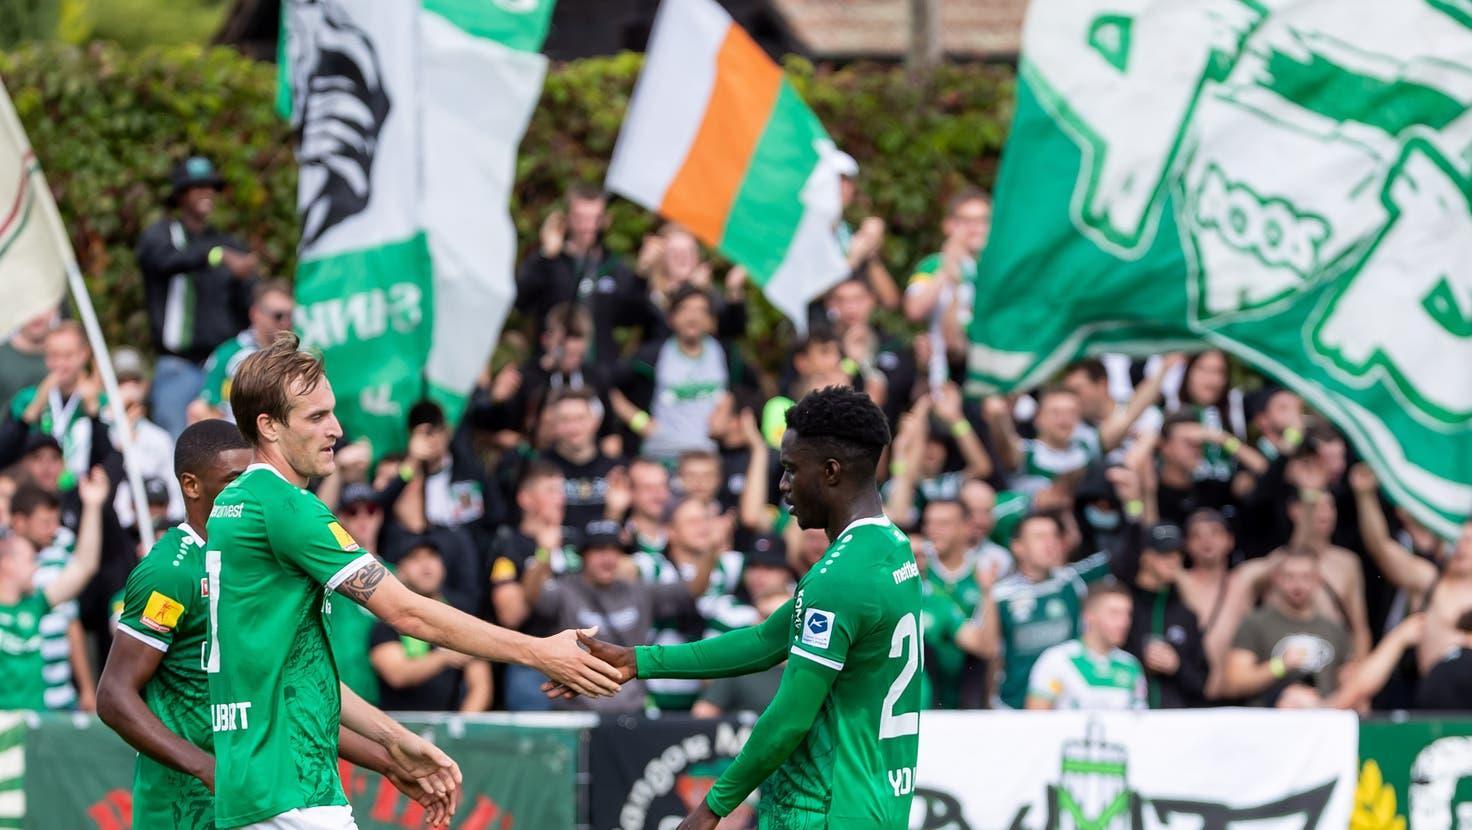 Der FC St.Gallenschiesst sich mit einem 7:2 bei Chênois in die nächste Cuprunde – dort wartet der FC Chiasso